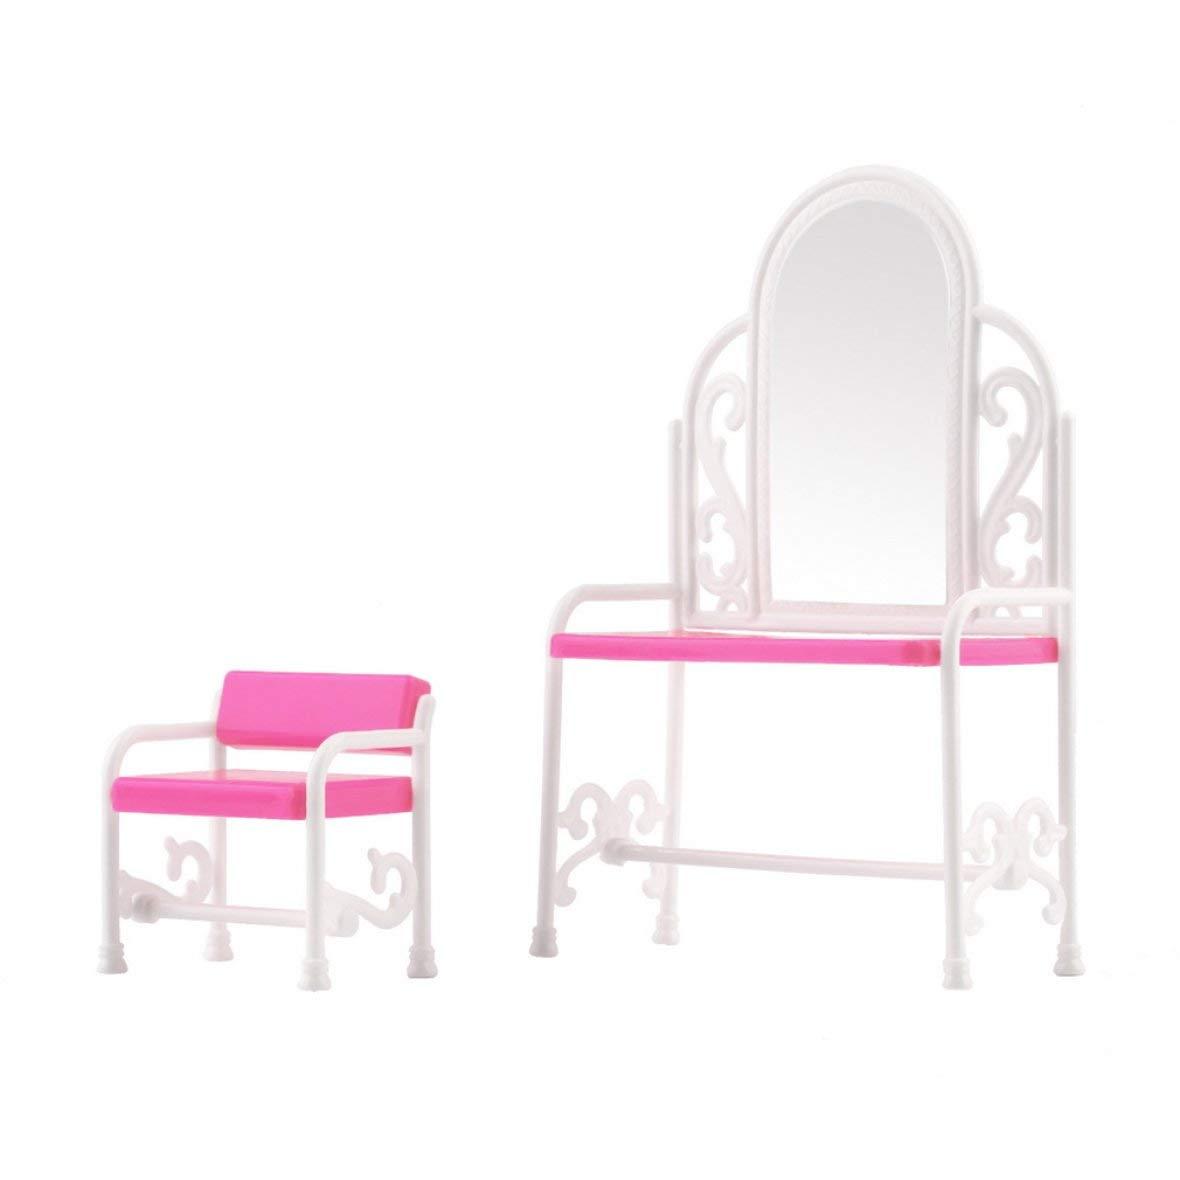 Heaviesk Coiffeuse Bé bé s Filles Jouets Coiffeuse & Accessoires De Chaise Set pour Barbies Poupé es Mobilier De Chambre